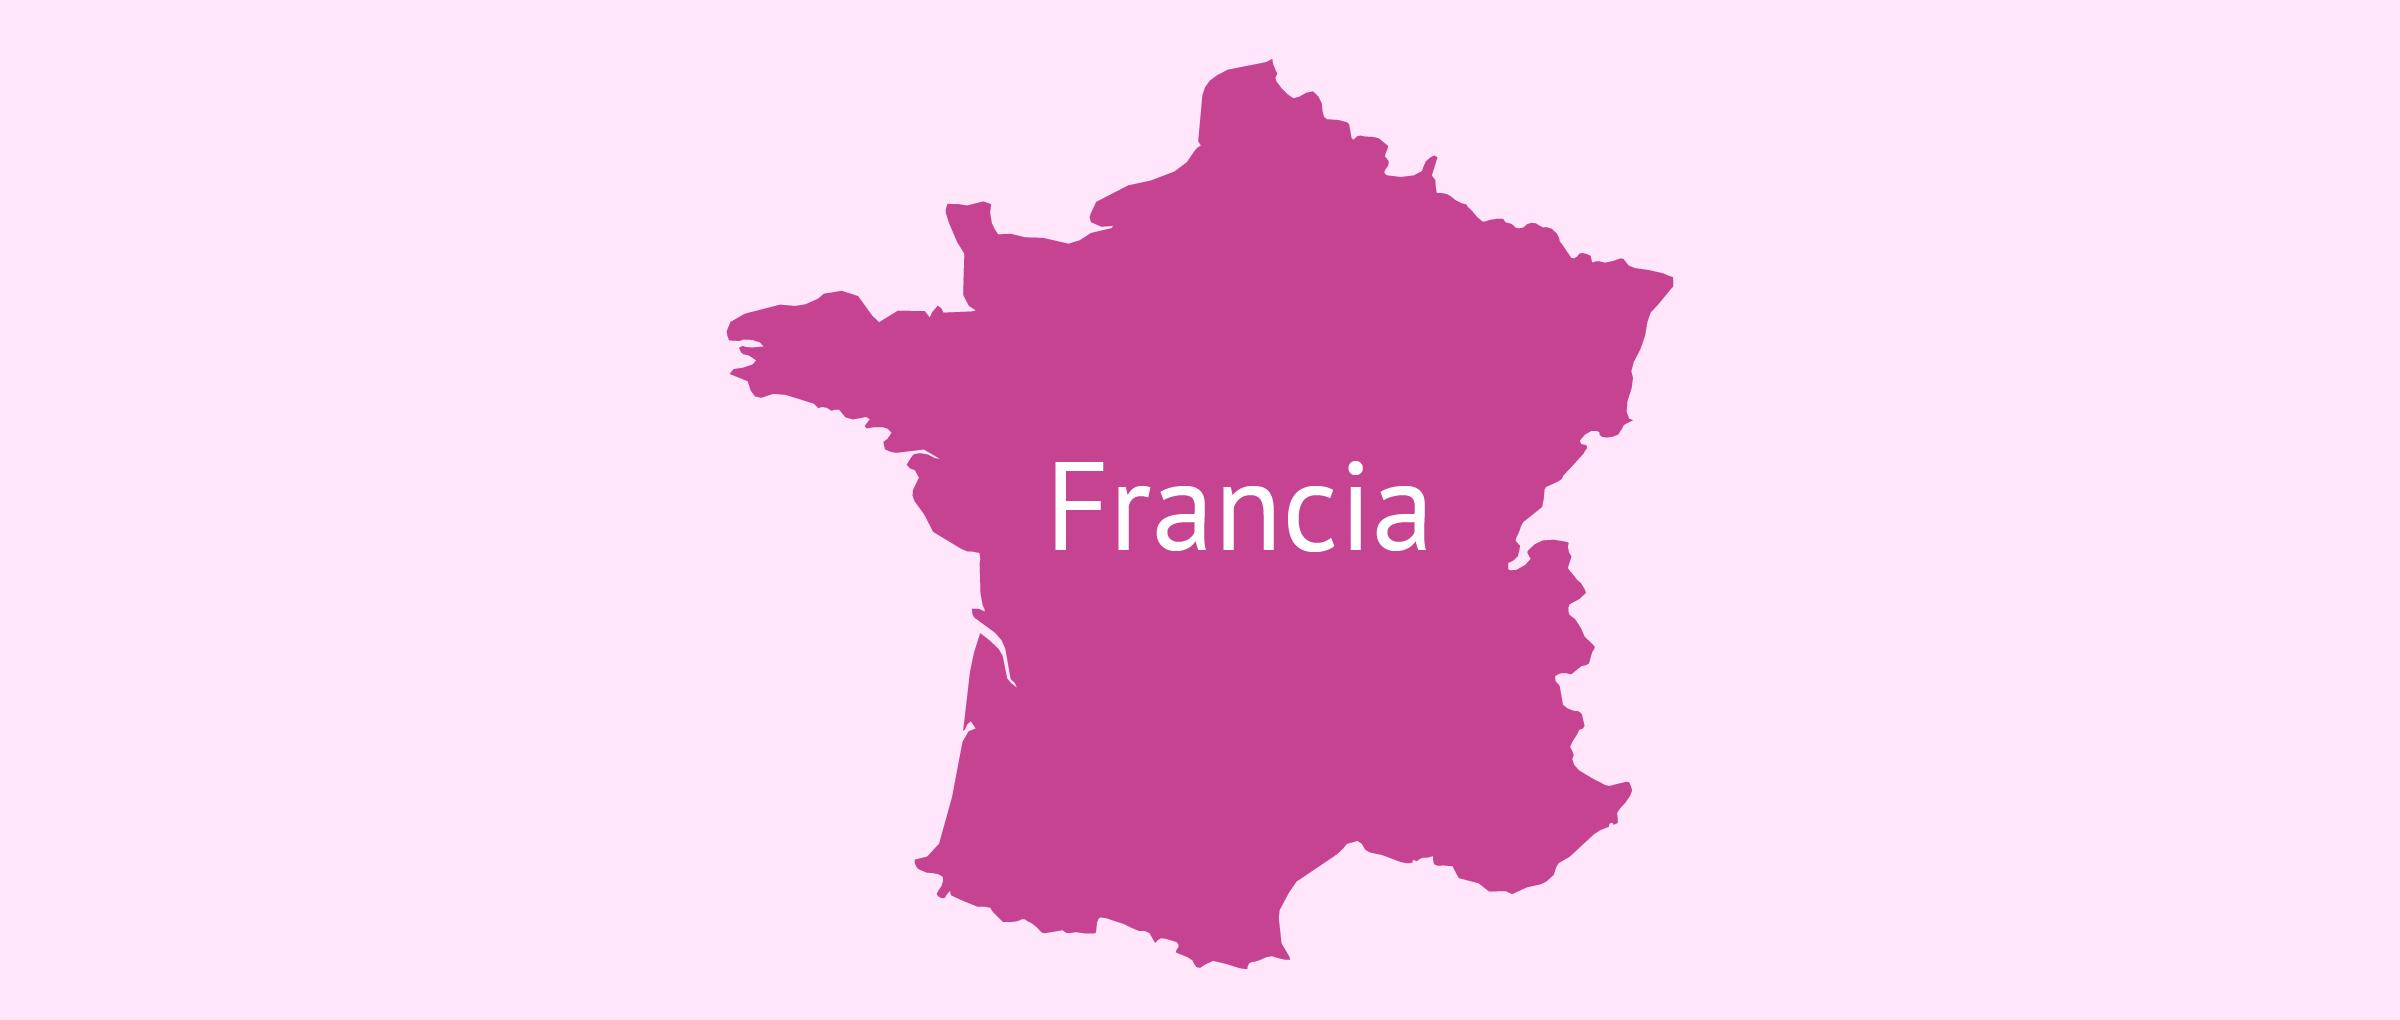 La gestación subrogada en Francia